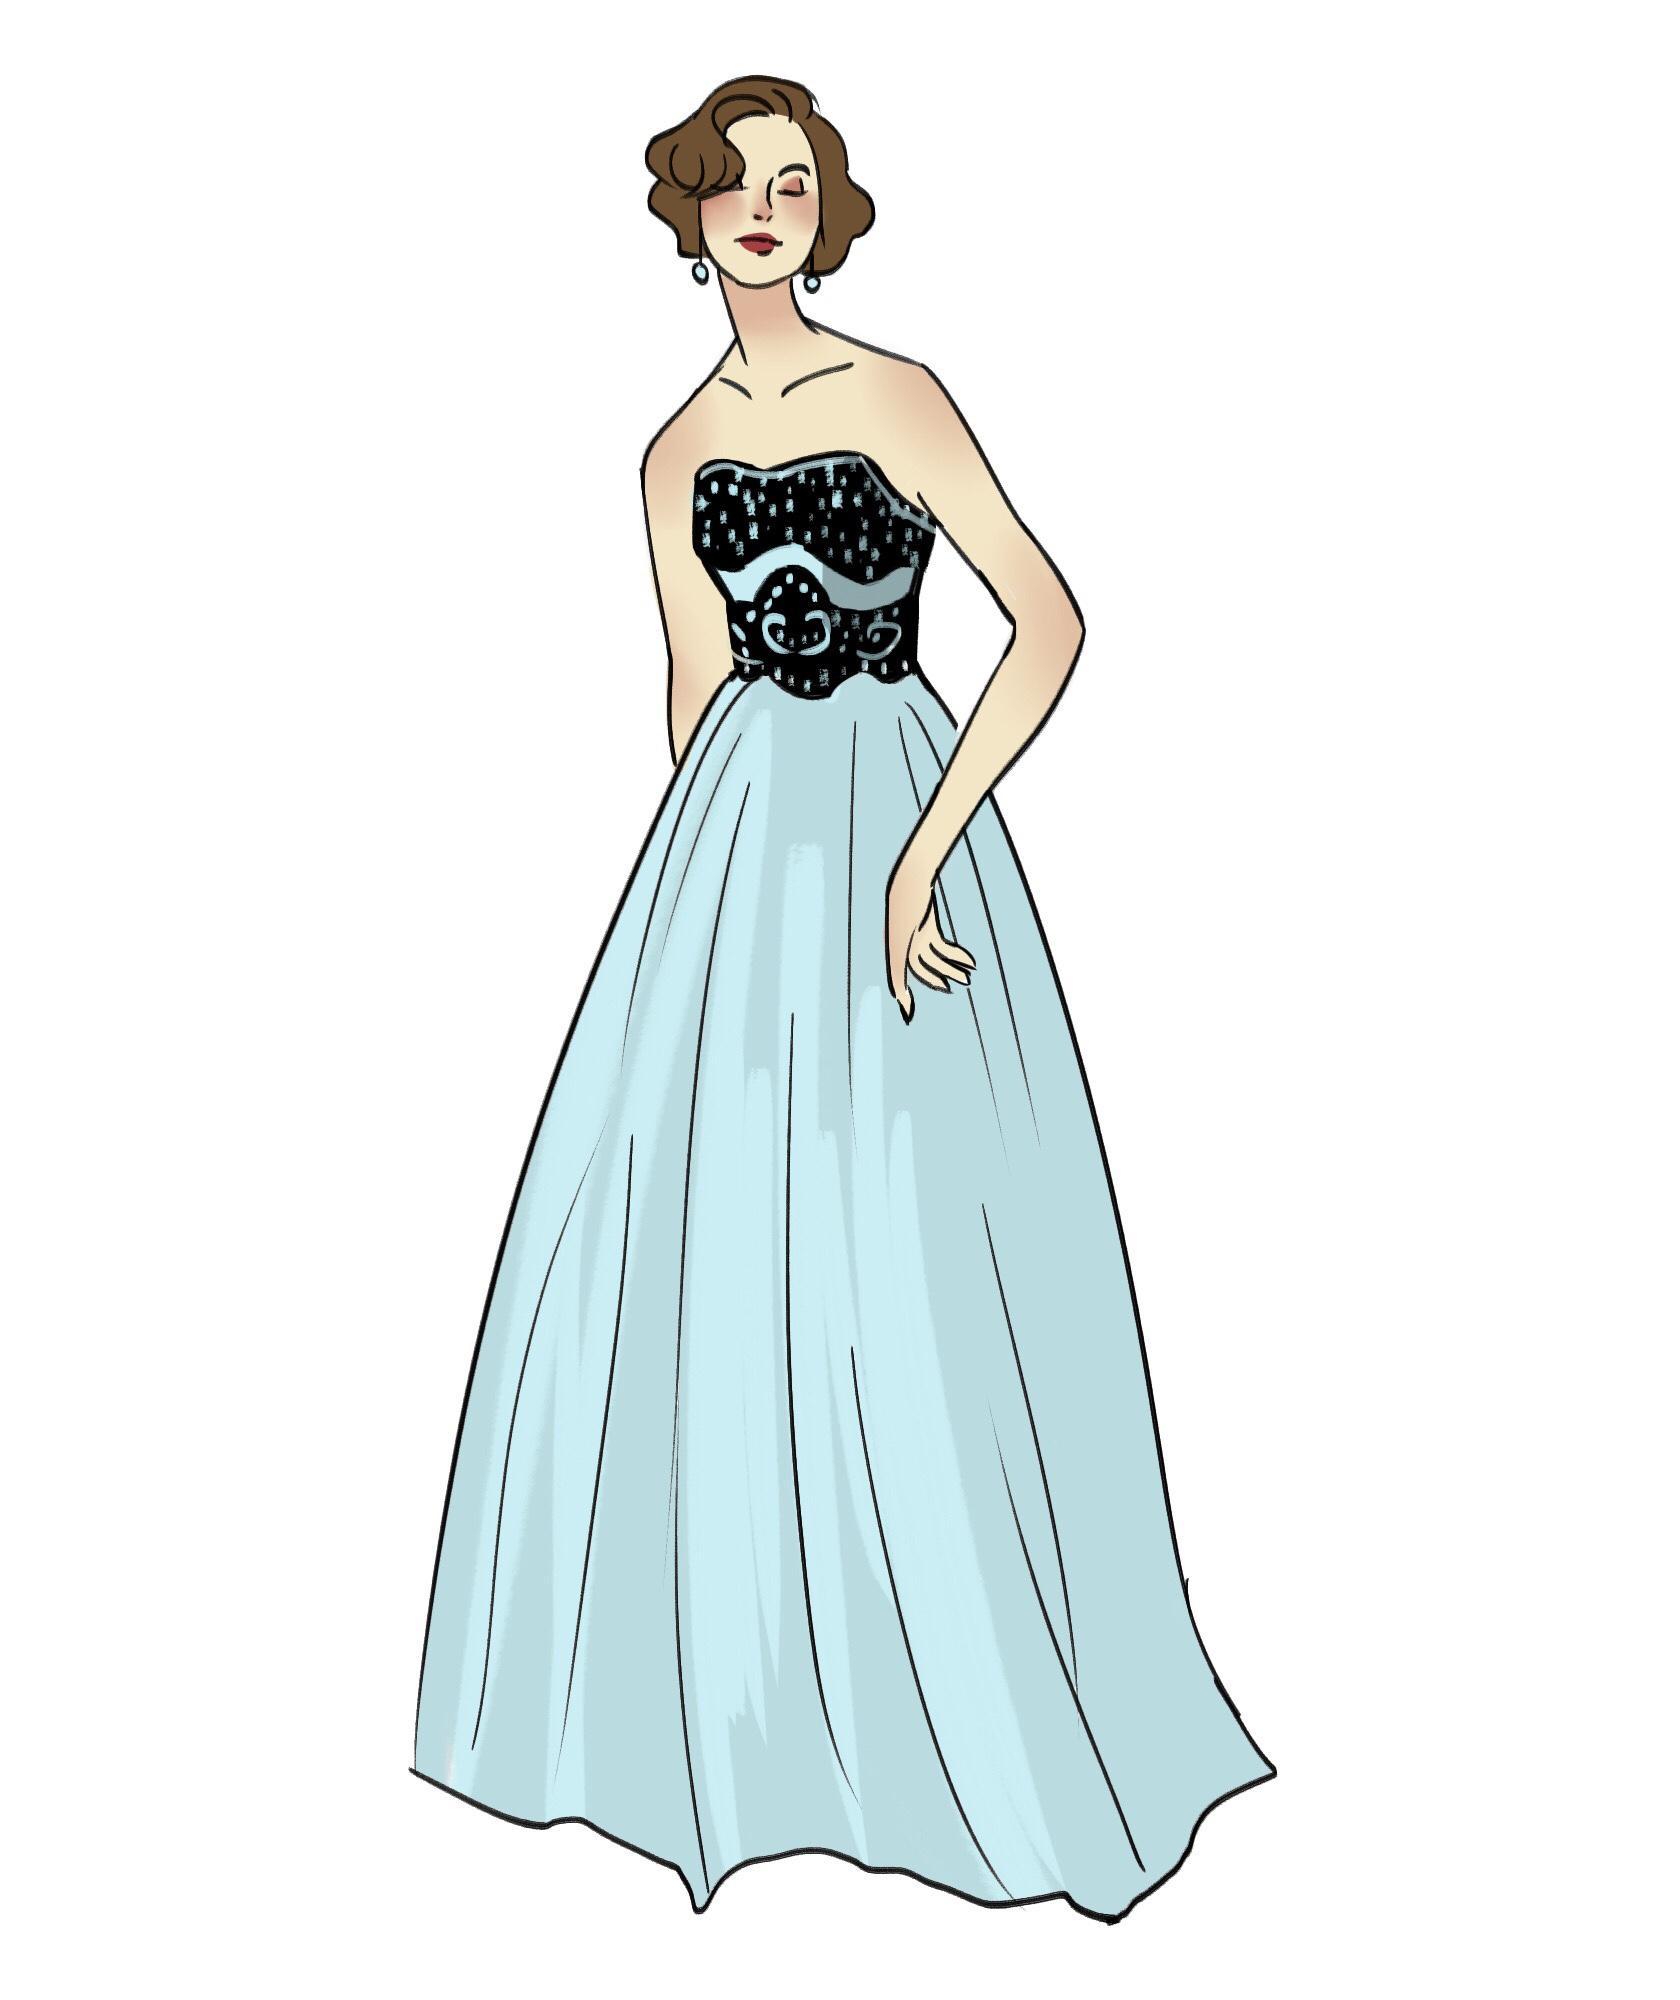 Nett Prom Kleider San Jose Ca Fotos - Brautkleider Ideen - cashingy.info